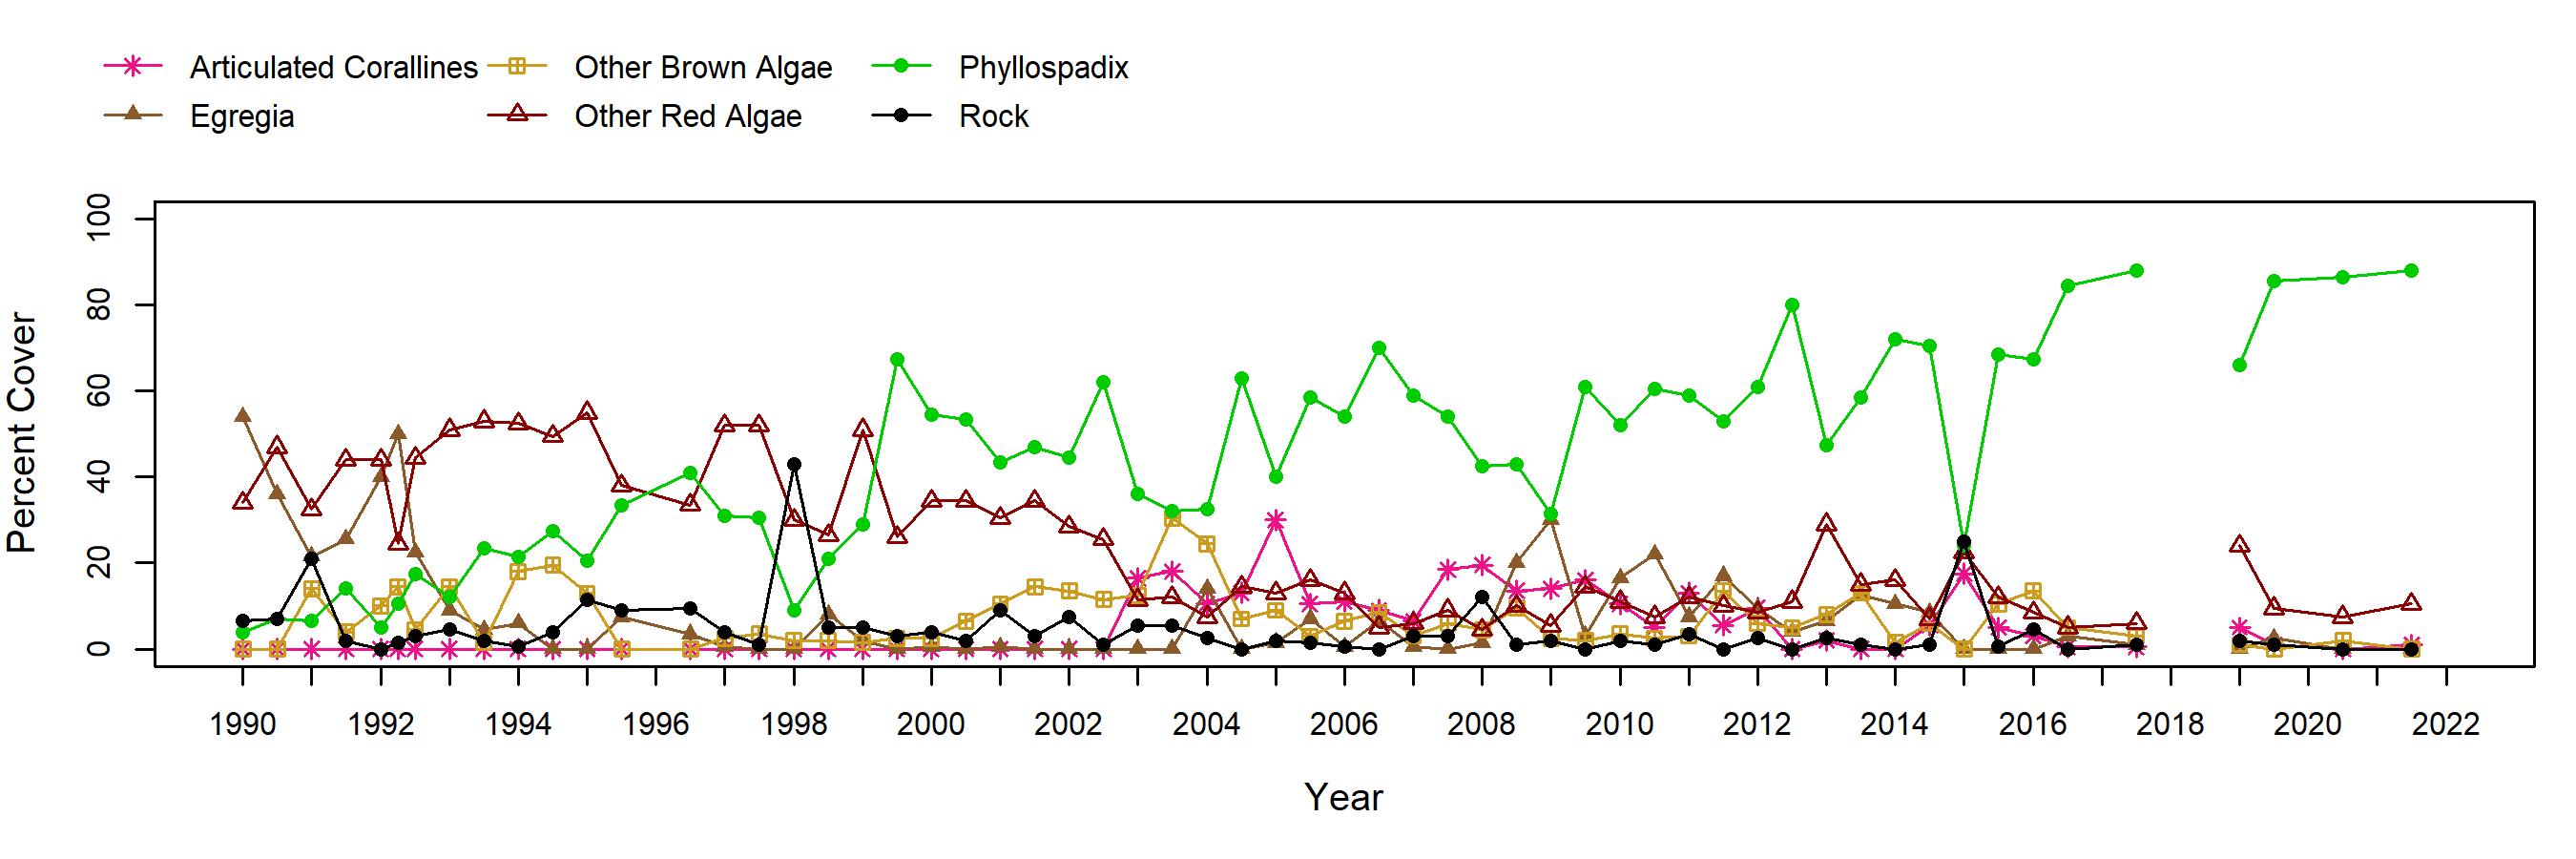 Cabrillo III Egregia trend plot